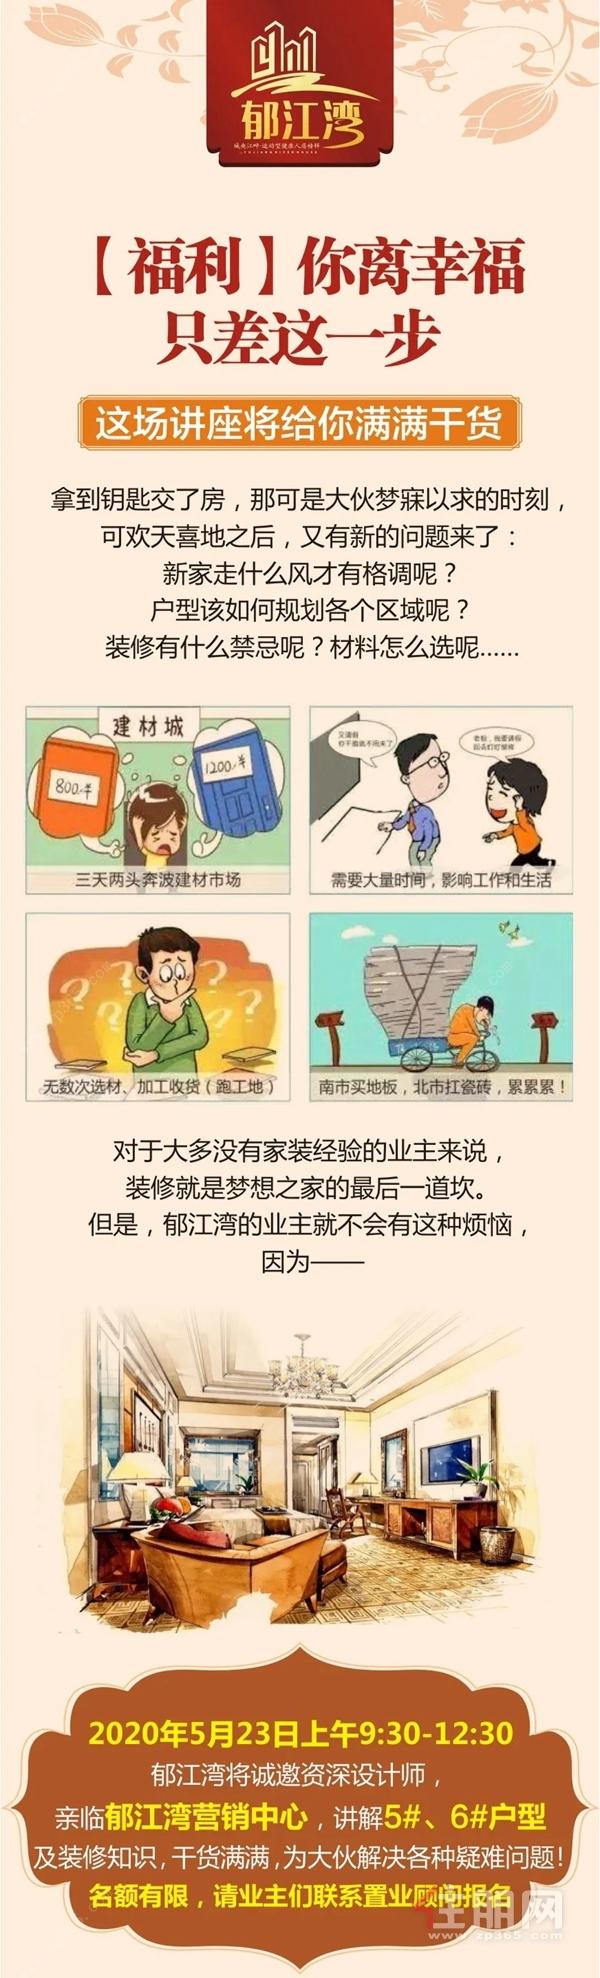 郁江湾图文推广